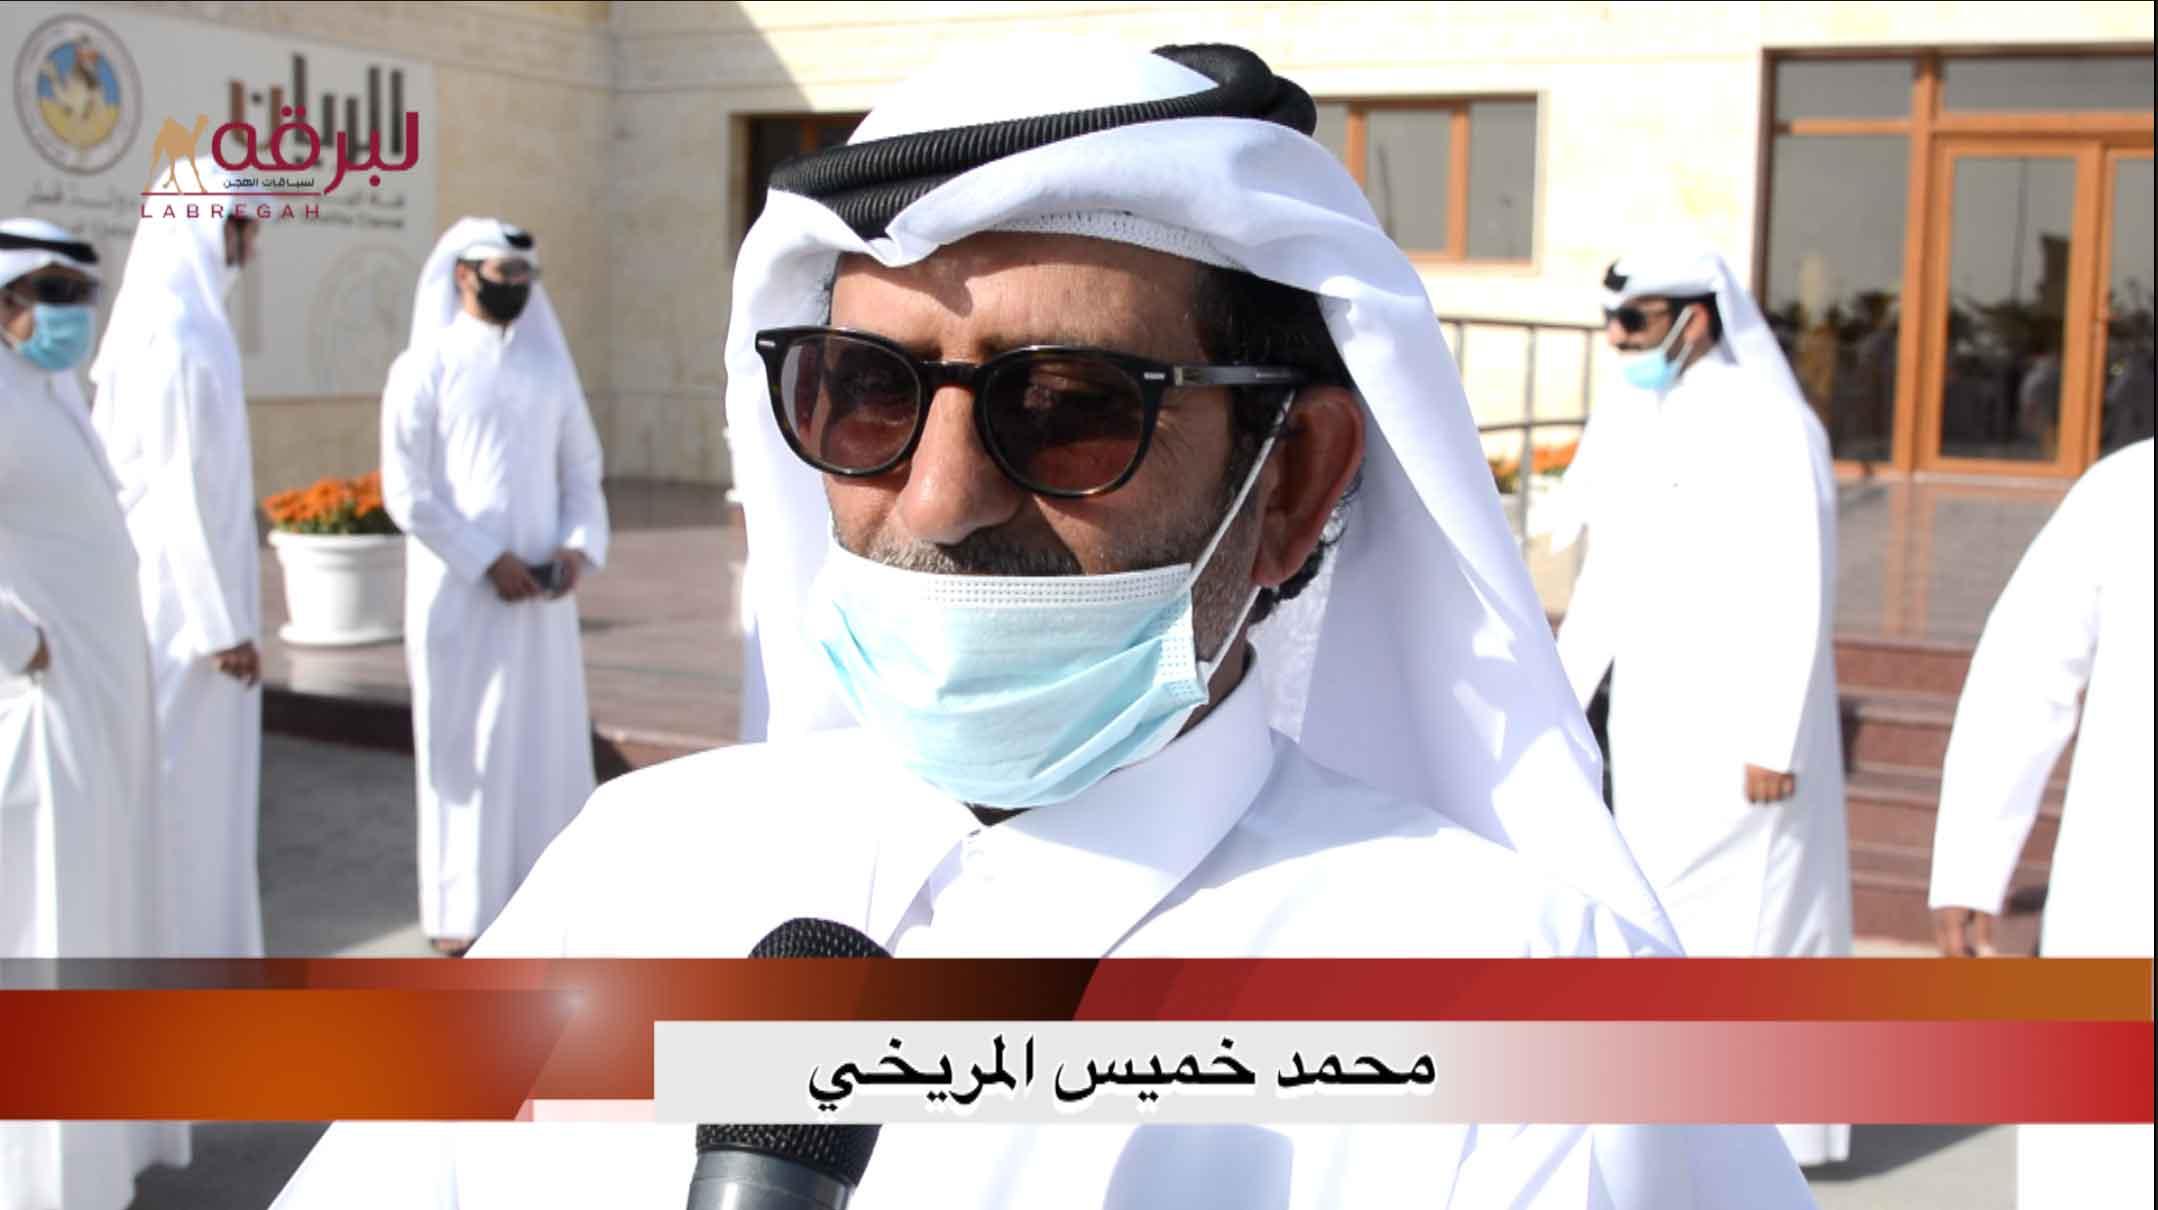 لقاء مع محمد خميس المريخي.. الخنجر الفضي ثنايا قعدان «مفتوح» الأشواط العامة  ٢٧-٣-٢٠٢١